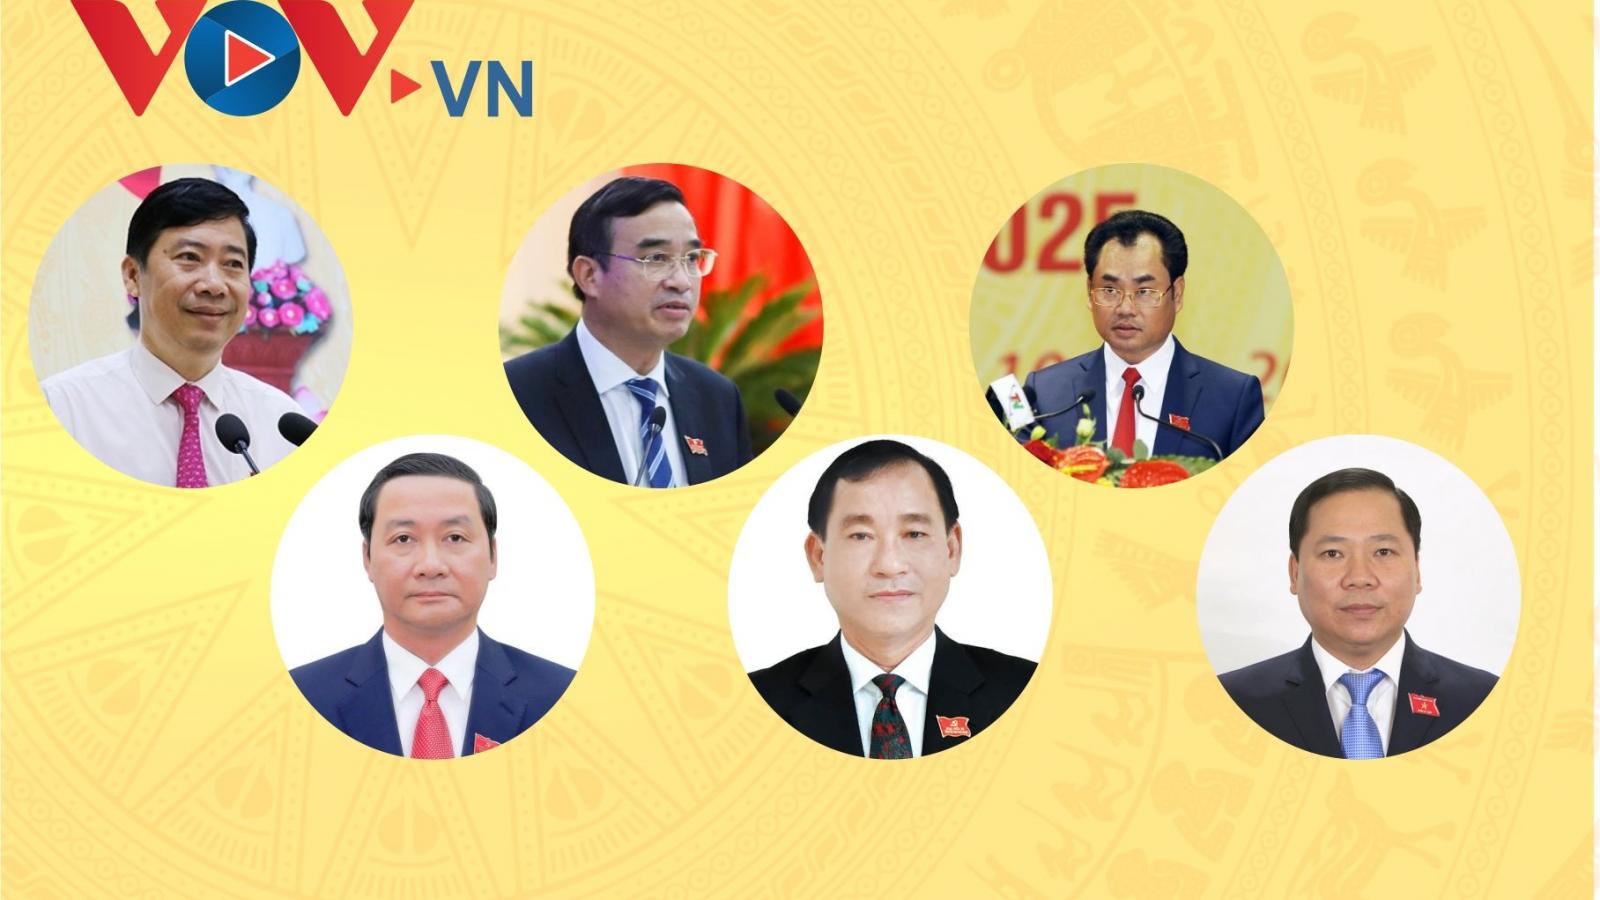 Chân dung 6 Chủ tịch UBND tỉnh, thành được bầu trong tuần qua